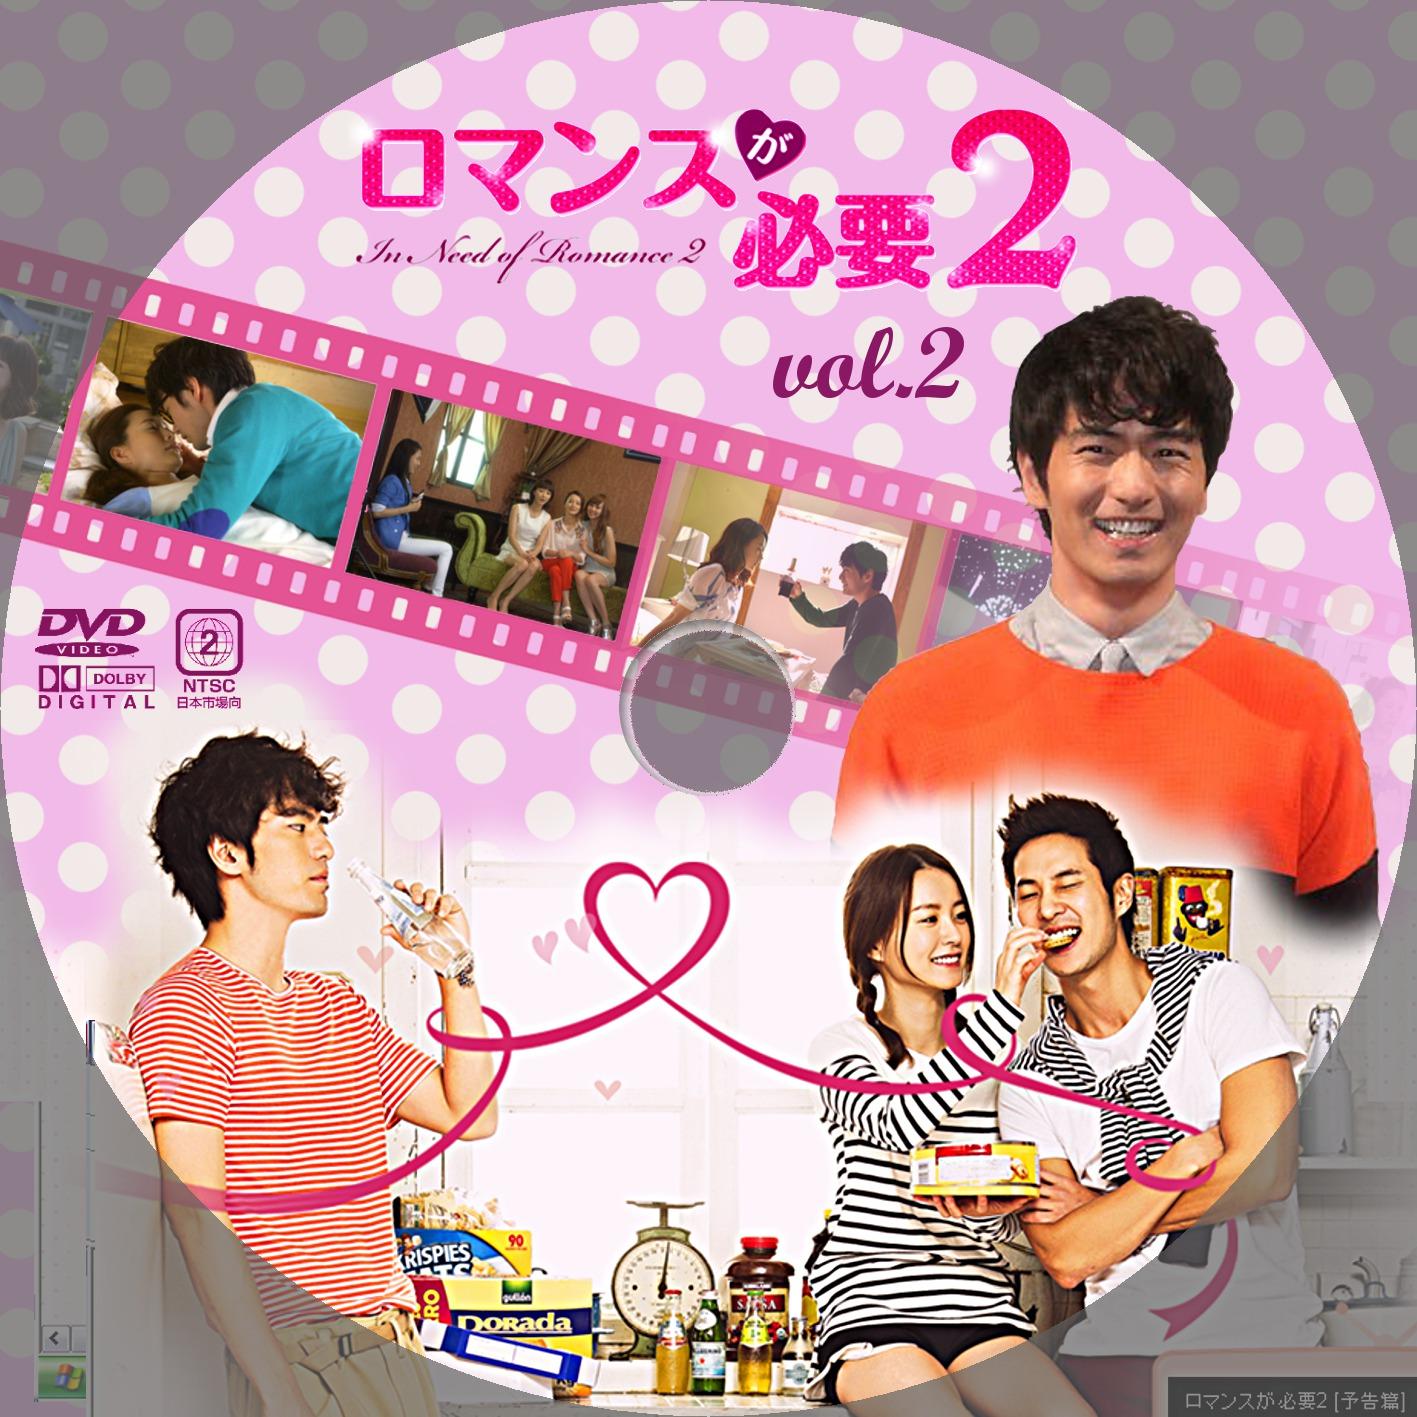 自作CD・DVDラベル ロマンスが必要2